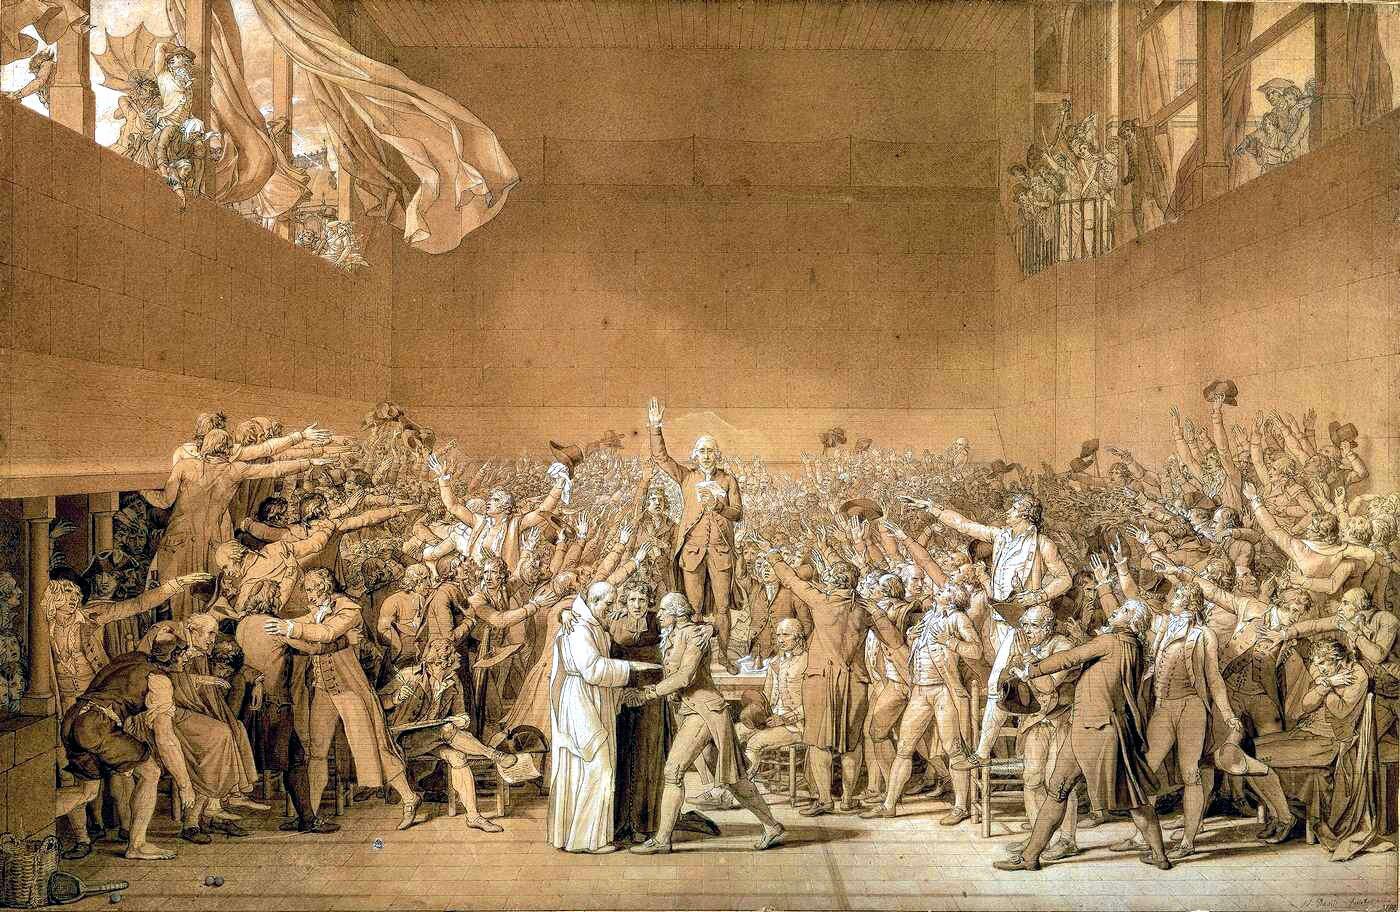 Obrazprzedstawia dużą grupę ludzi zebranych wjednym pomieszczeniu. Są toparlamentarzyści (deputowani), którzy maja wyciągnięte ręce na dowód składanej przysięgi. Przy stoliku umieszczonym wcentralnej części obrazu artysta przedstawił postać księdza.